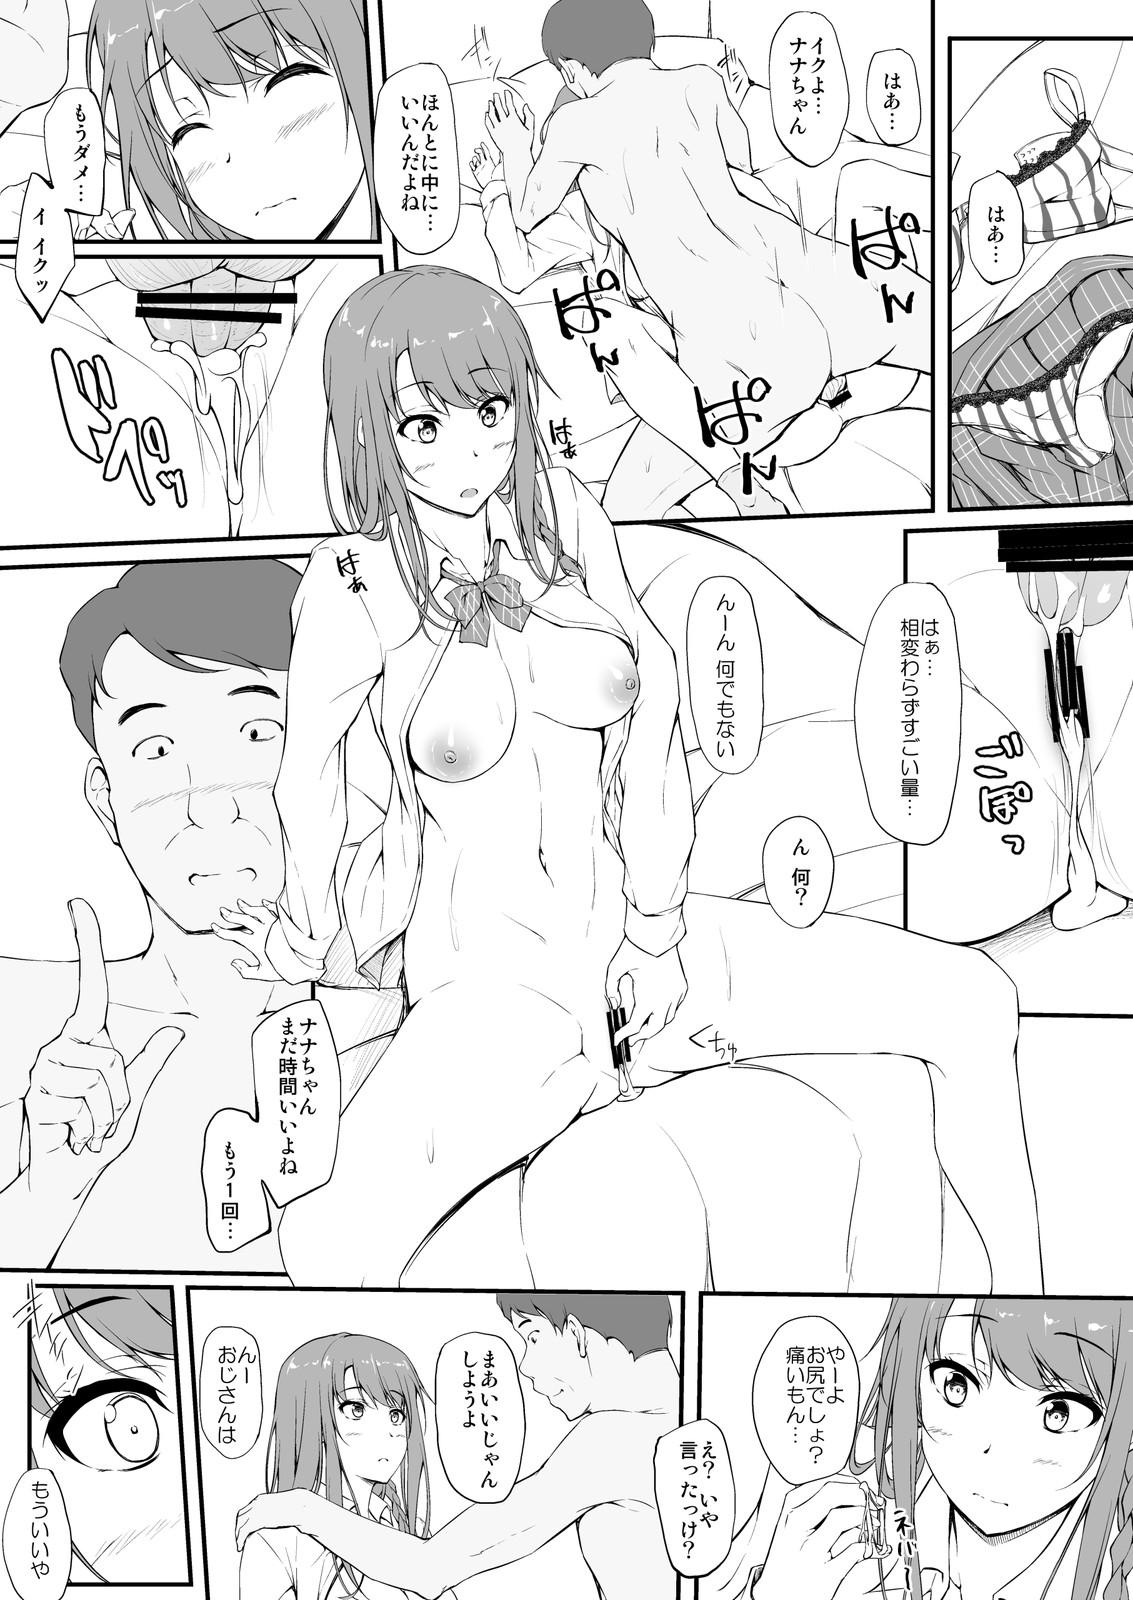 【エロ同人誌】時間を巻き戻せる特殊能力をもつビッチJK…セックスの上手さが気に入ったおじさんとの痴漢プレイを何度も楽しんでしまうwww【ShAKe:Re:Temptation1】